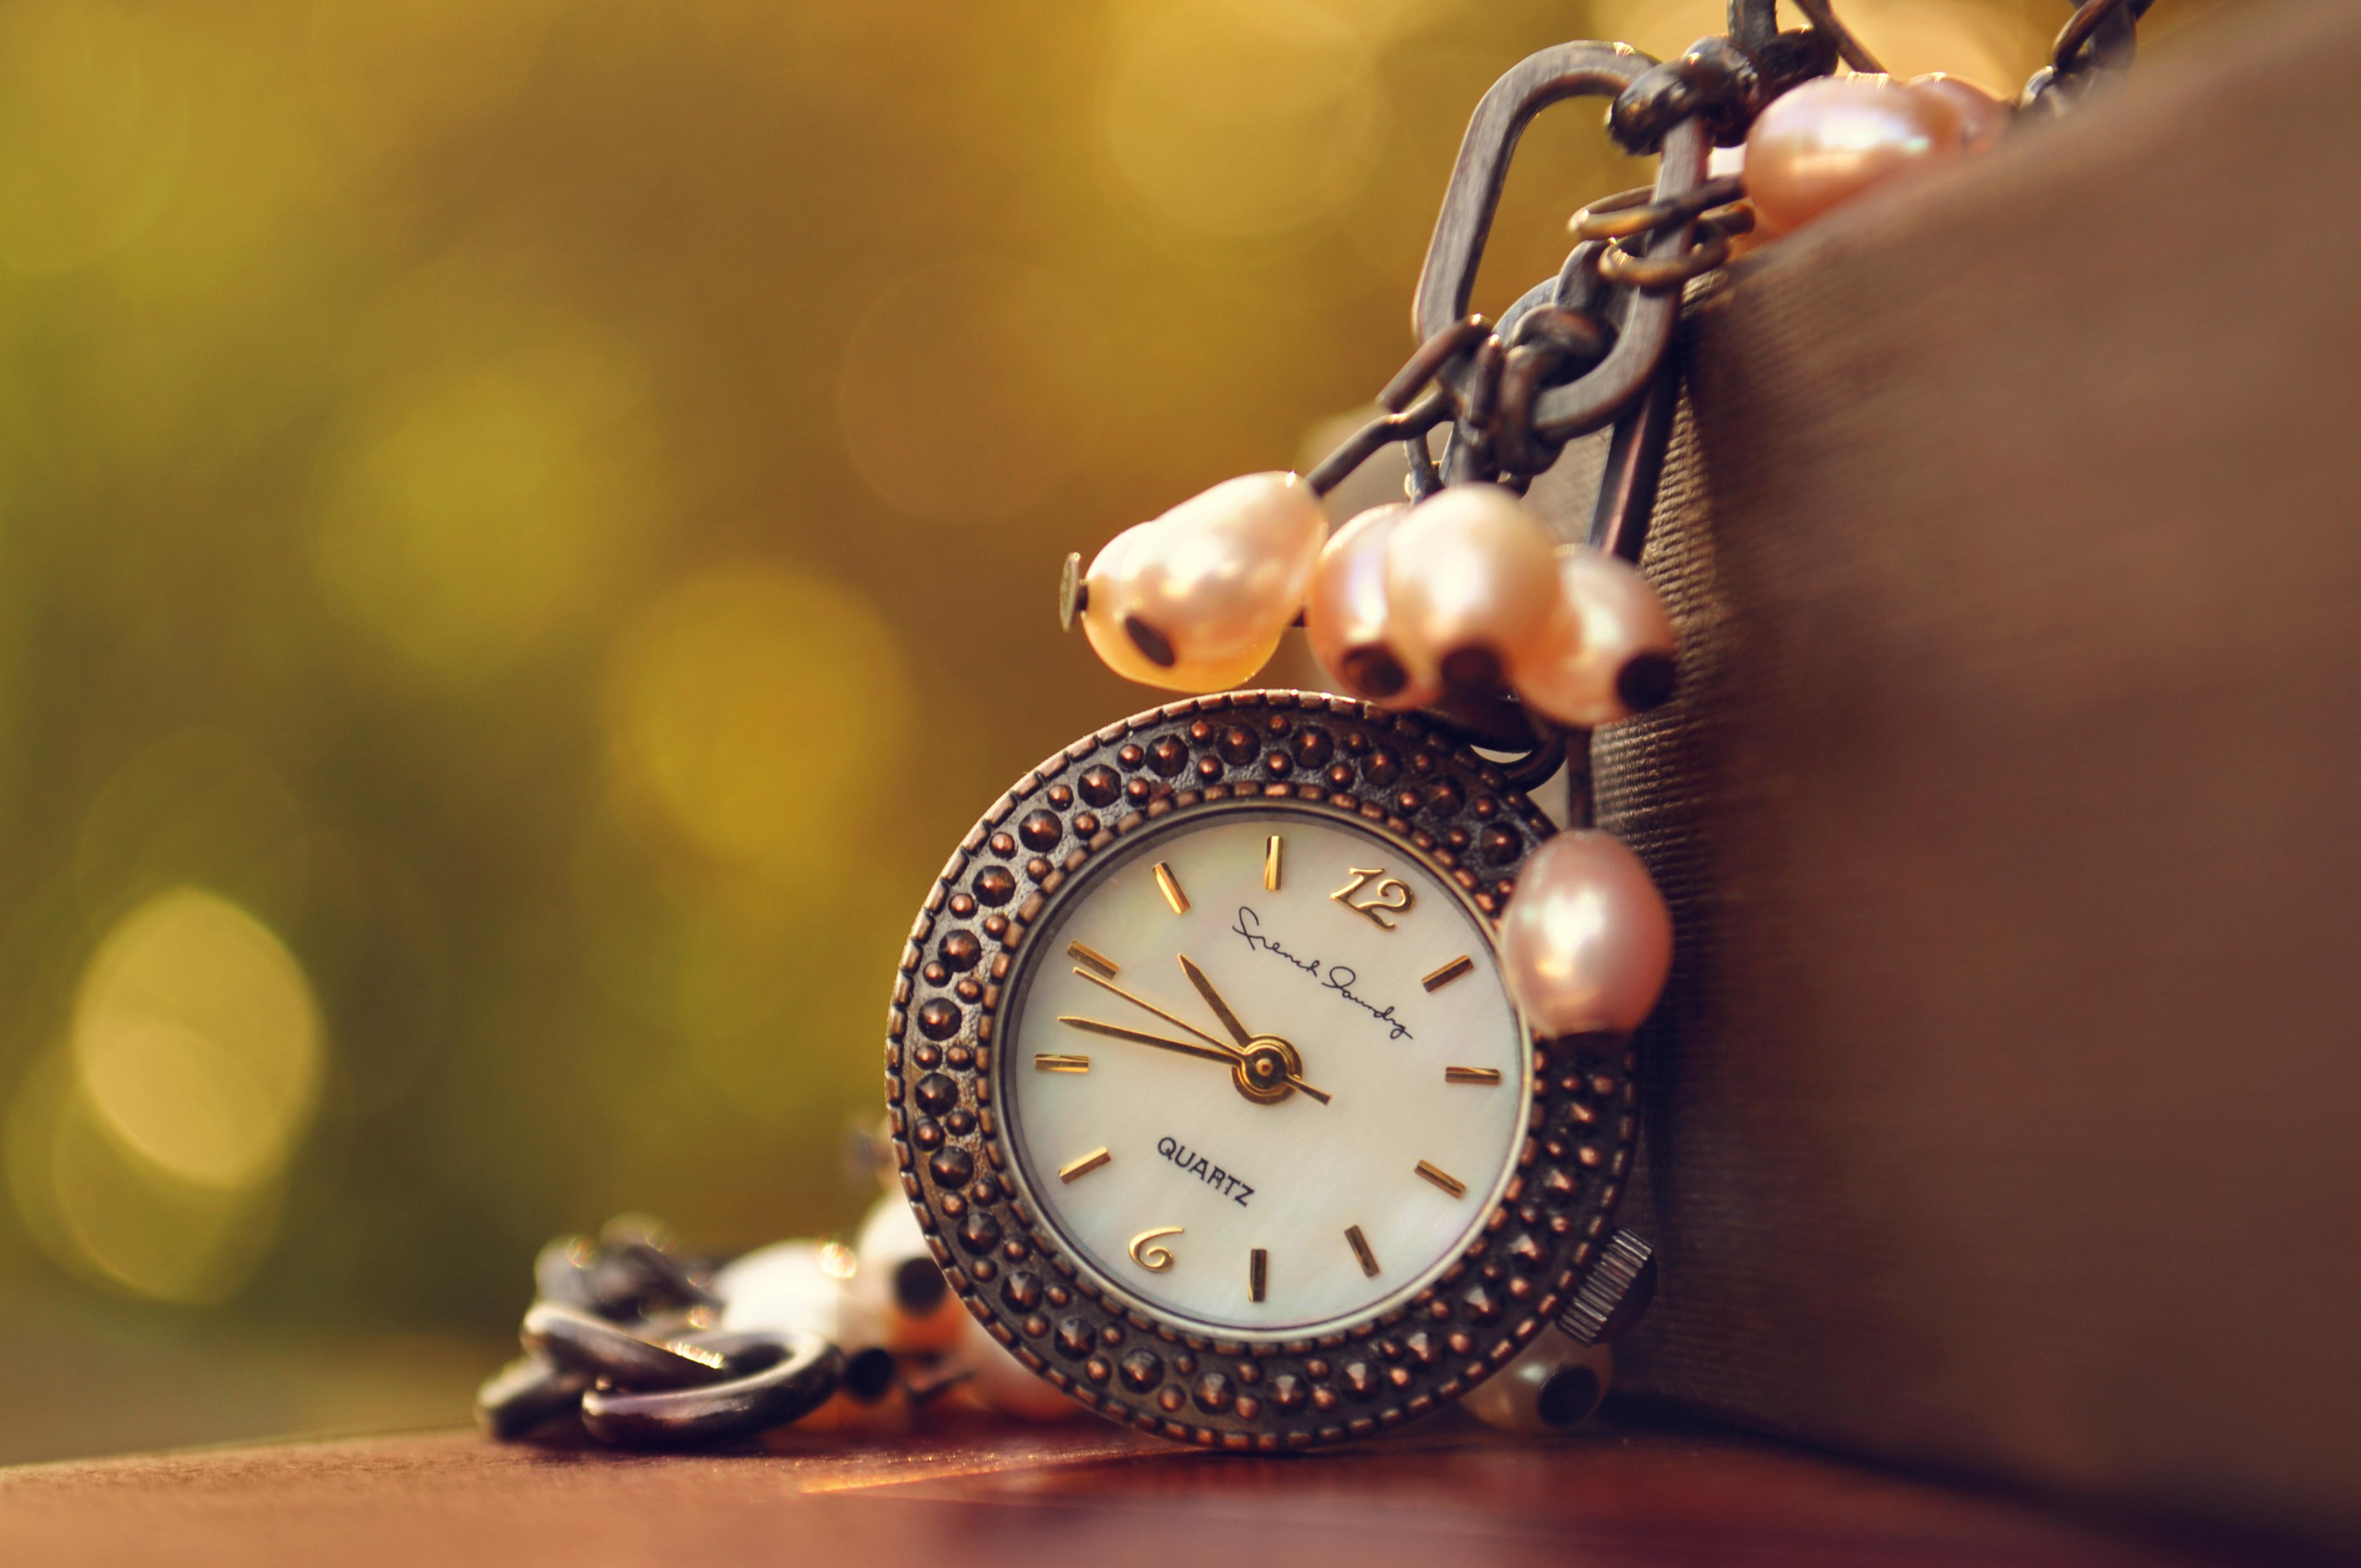 Карманные часы и скатерть  № 2171657 без смс